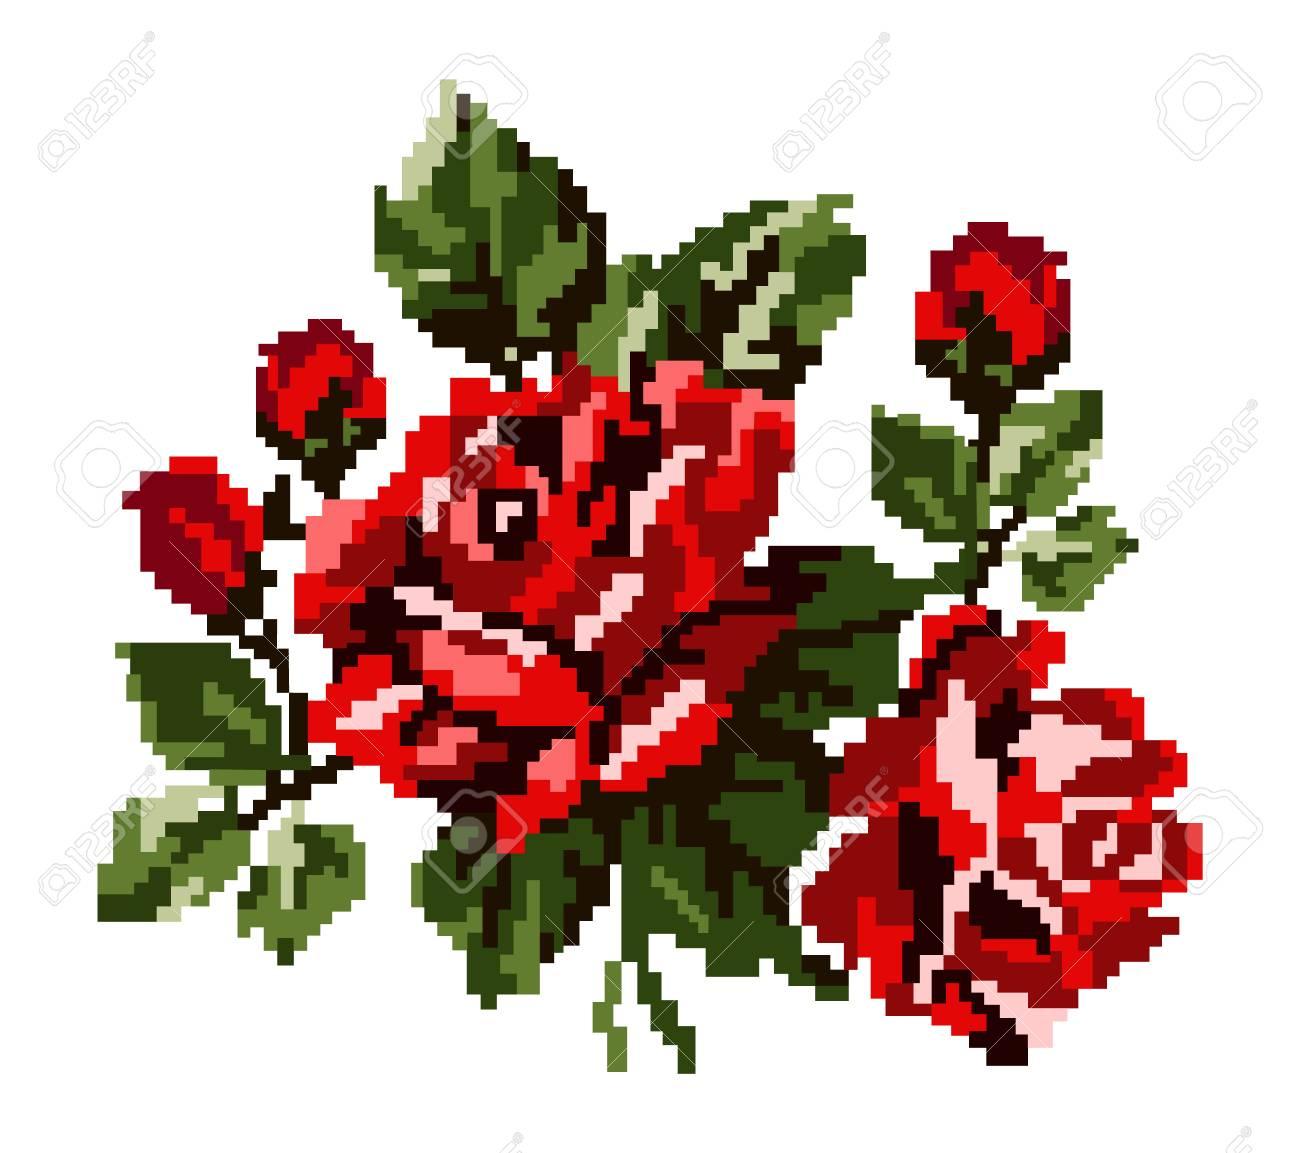 Couleur Bouquet De Fleurs Roses Dans Les Tons Rouges Et Verts En Utilisant Des éléments De Broderie Traditionnelle Ukrainienne Peut être Utilisé